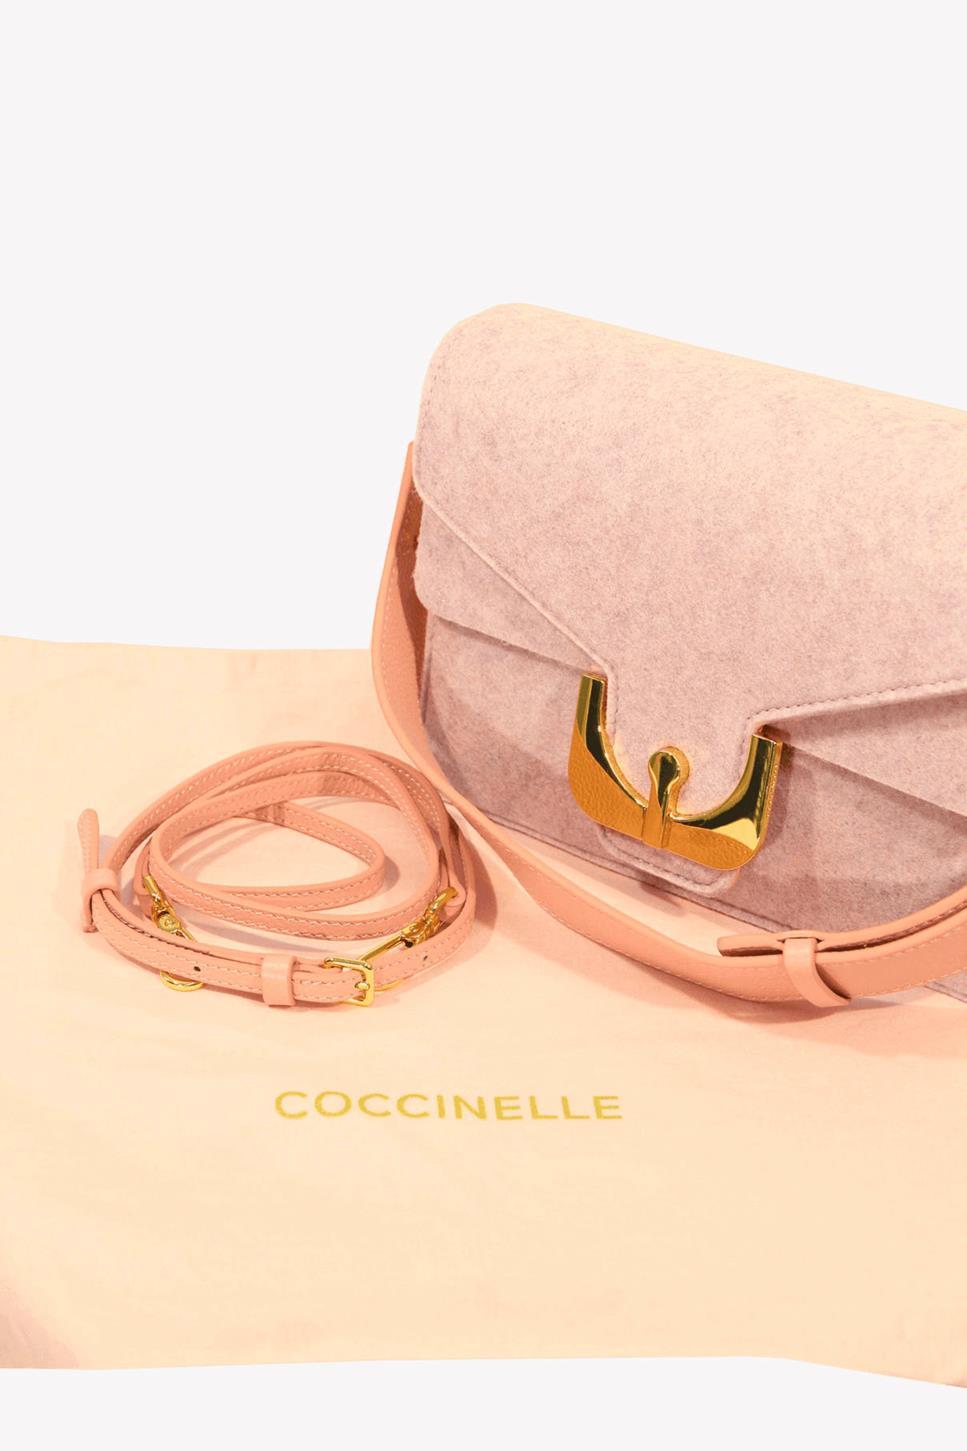 Umhängetasche in Rosa Coccinelle